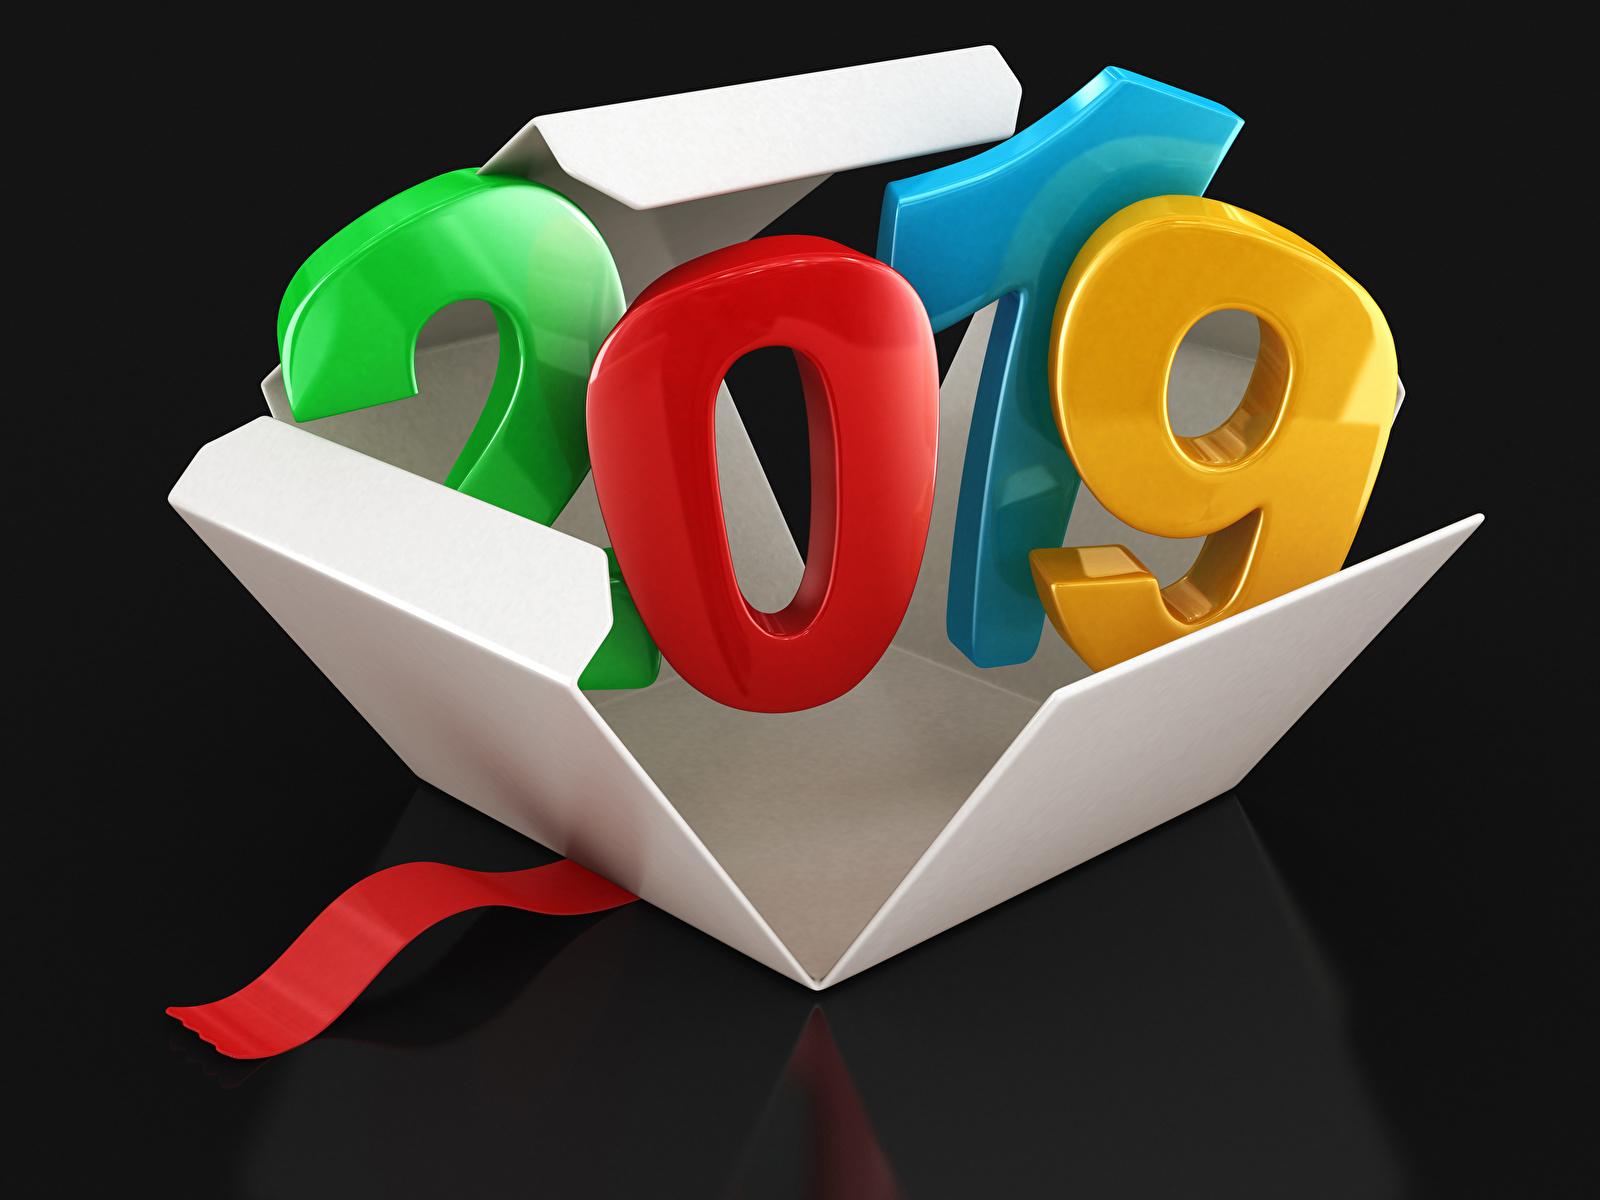 Фотография 2019 Новый год Черный фон 1600x1200 Рождество на черном фоне